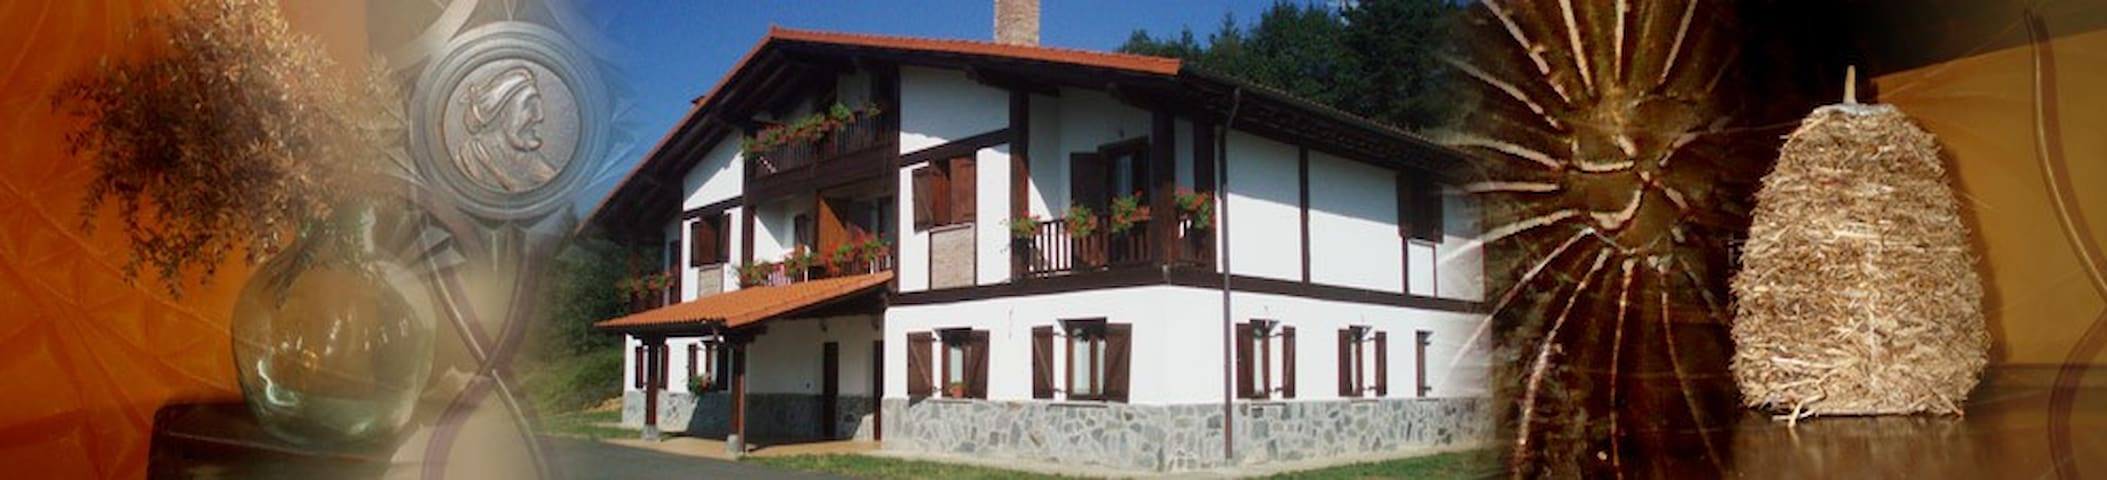 Muy cerca de San Sebastian, Zumaia,Zarauz, Getaria - Azkoitia